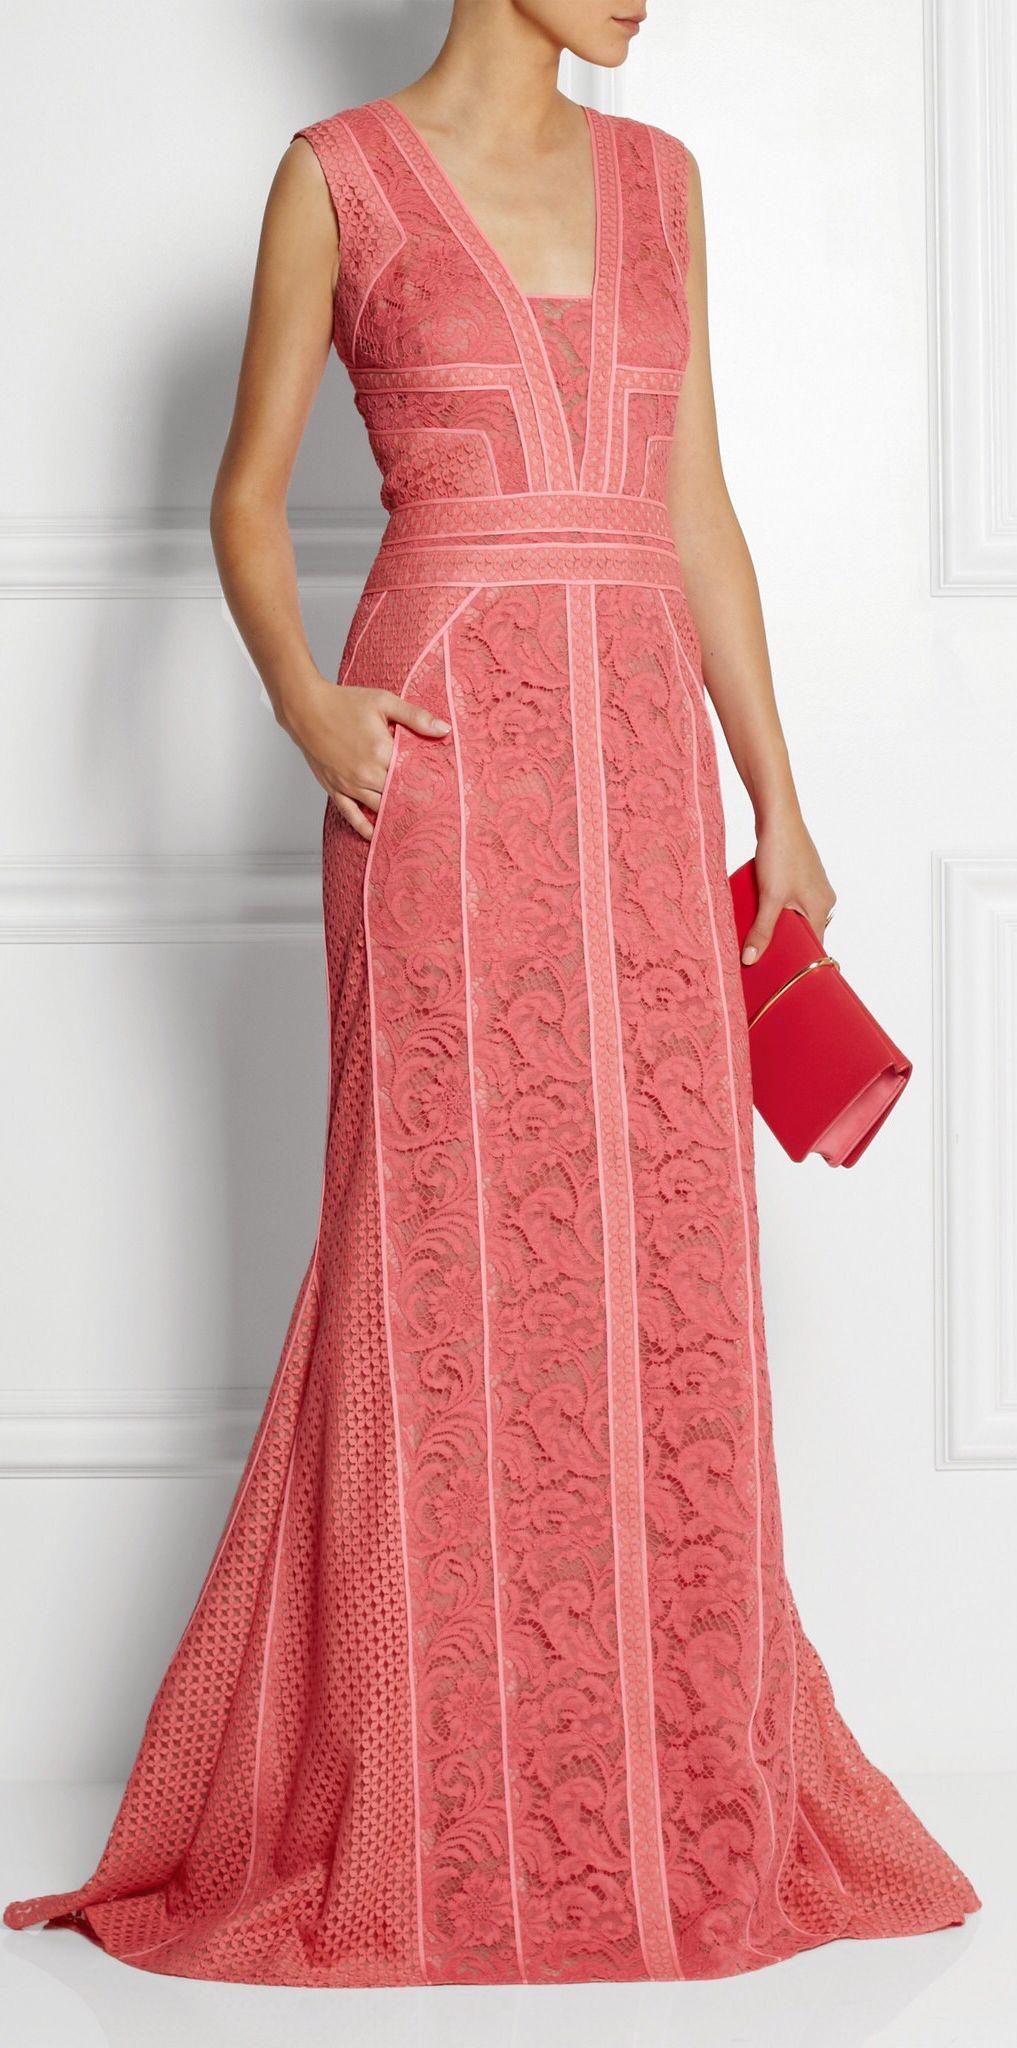 J Mendel | Love Dresses/Gowns | Pinterest